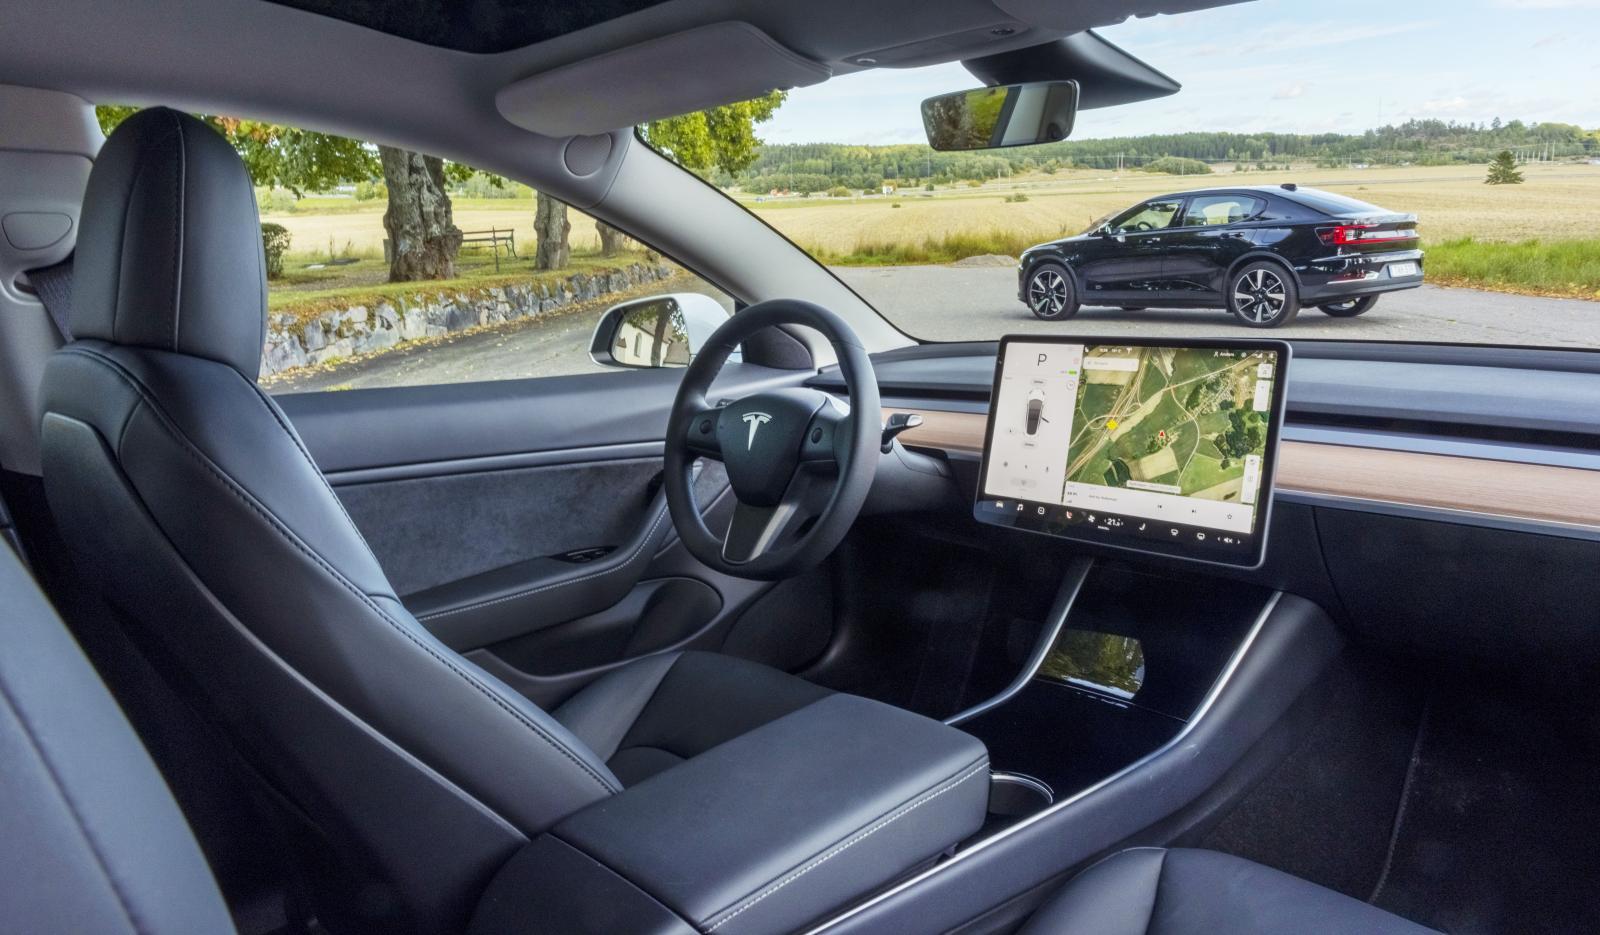 Tesla: Avskalat och luftigt. Föredömligt låg fönsterlinje i Tesla ger förnimmelsen av att sitta i ett terrarium. På ett positivt sätt. Glastak är standard.